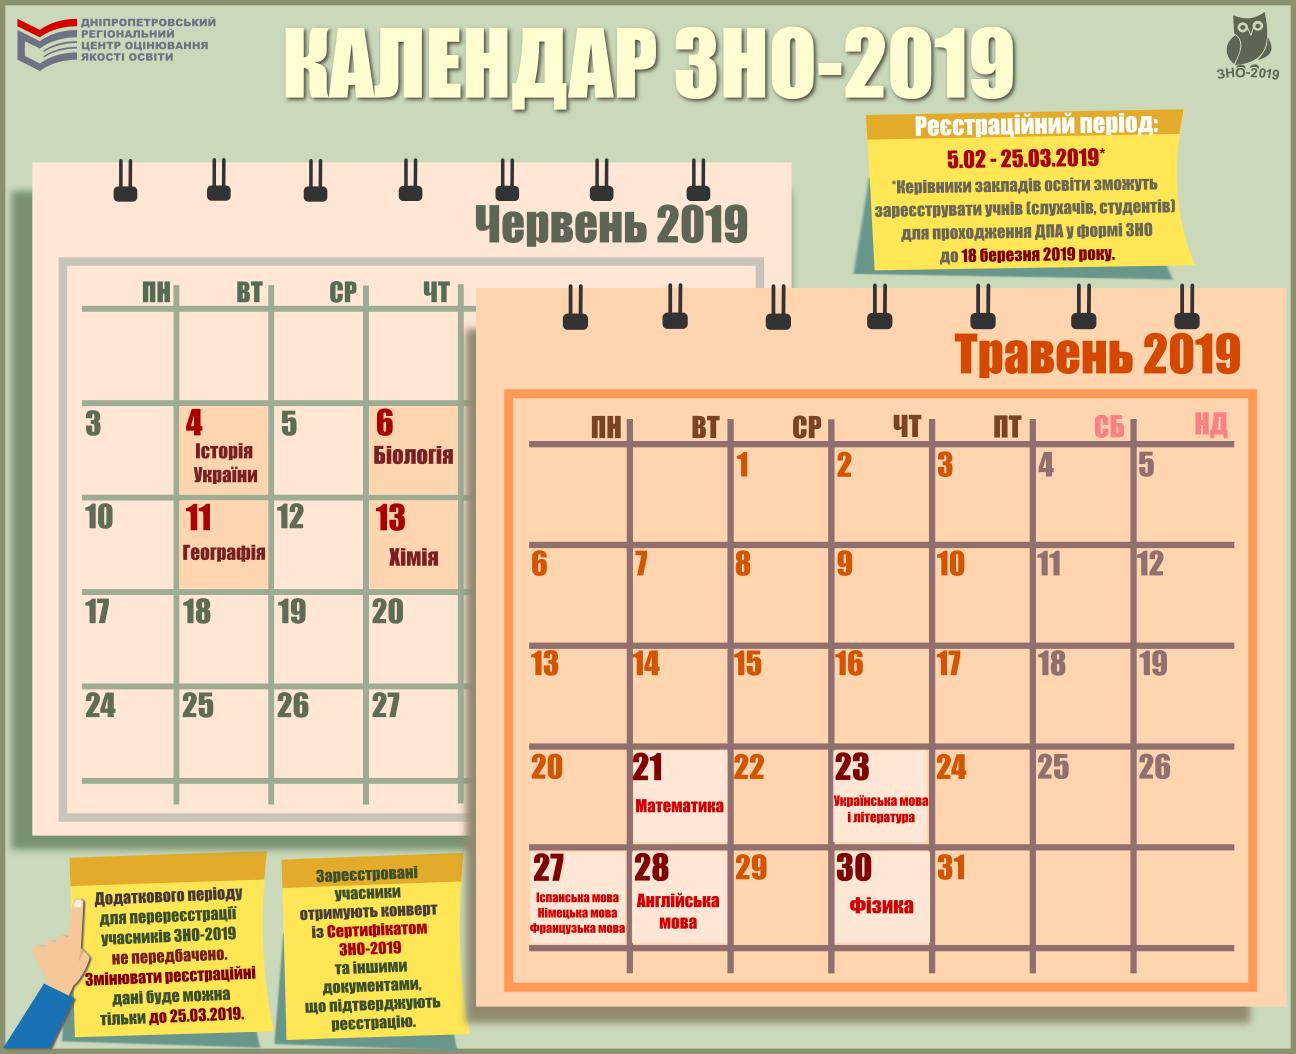 https://dneprtest.dp.ua/docs/2017/jpg/kalendar_zno_2019.png